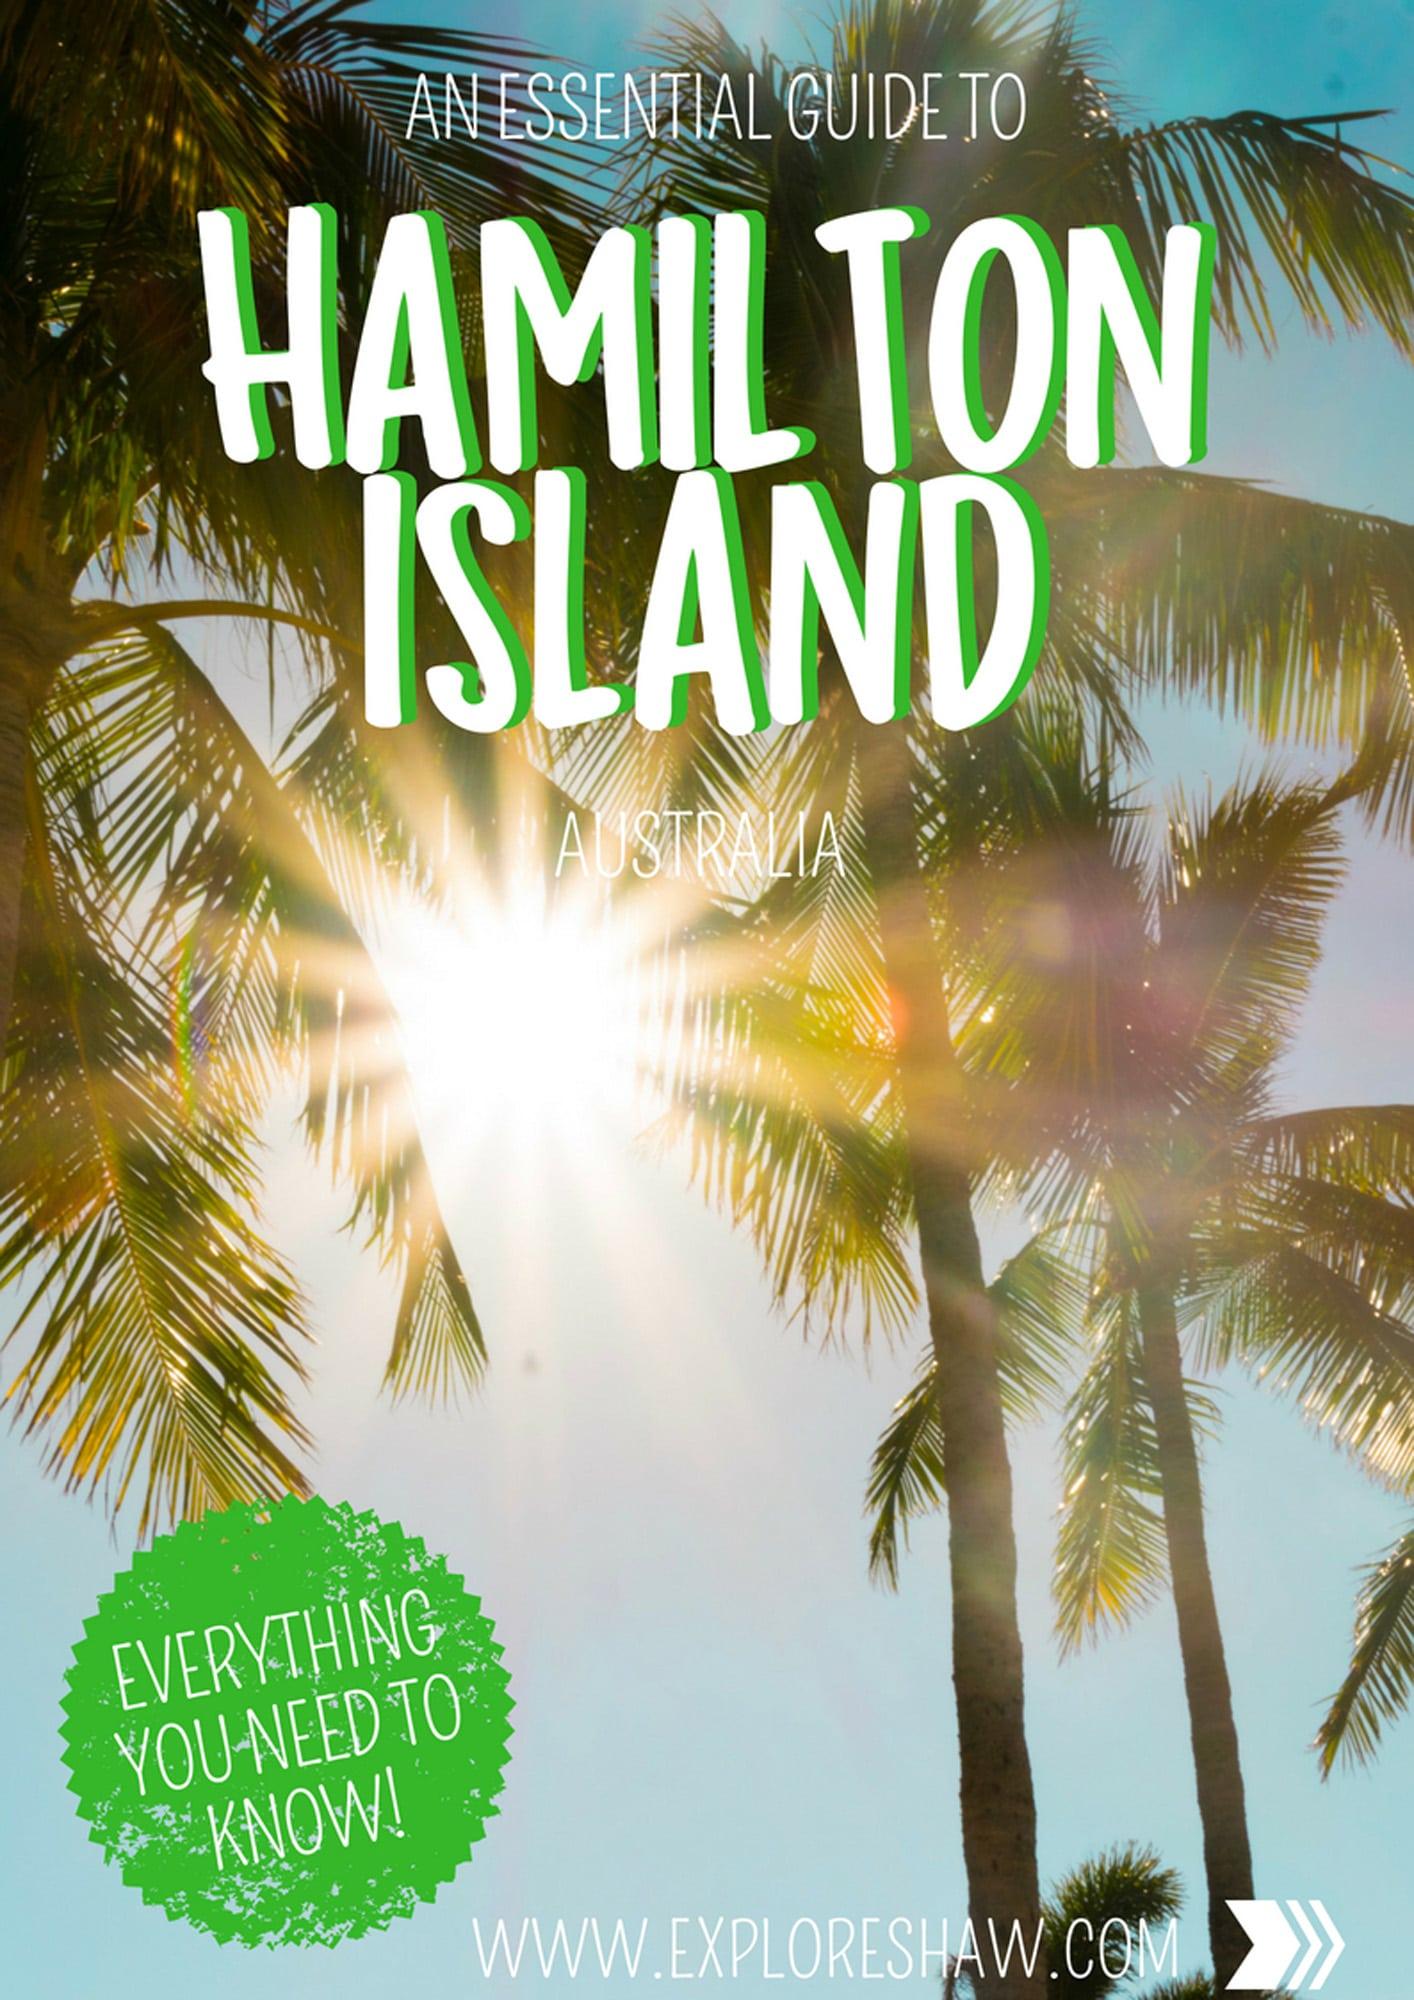 HAMILTON ISLAND GUIDE